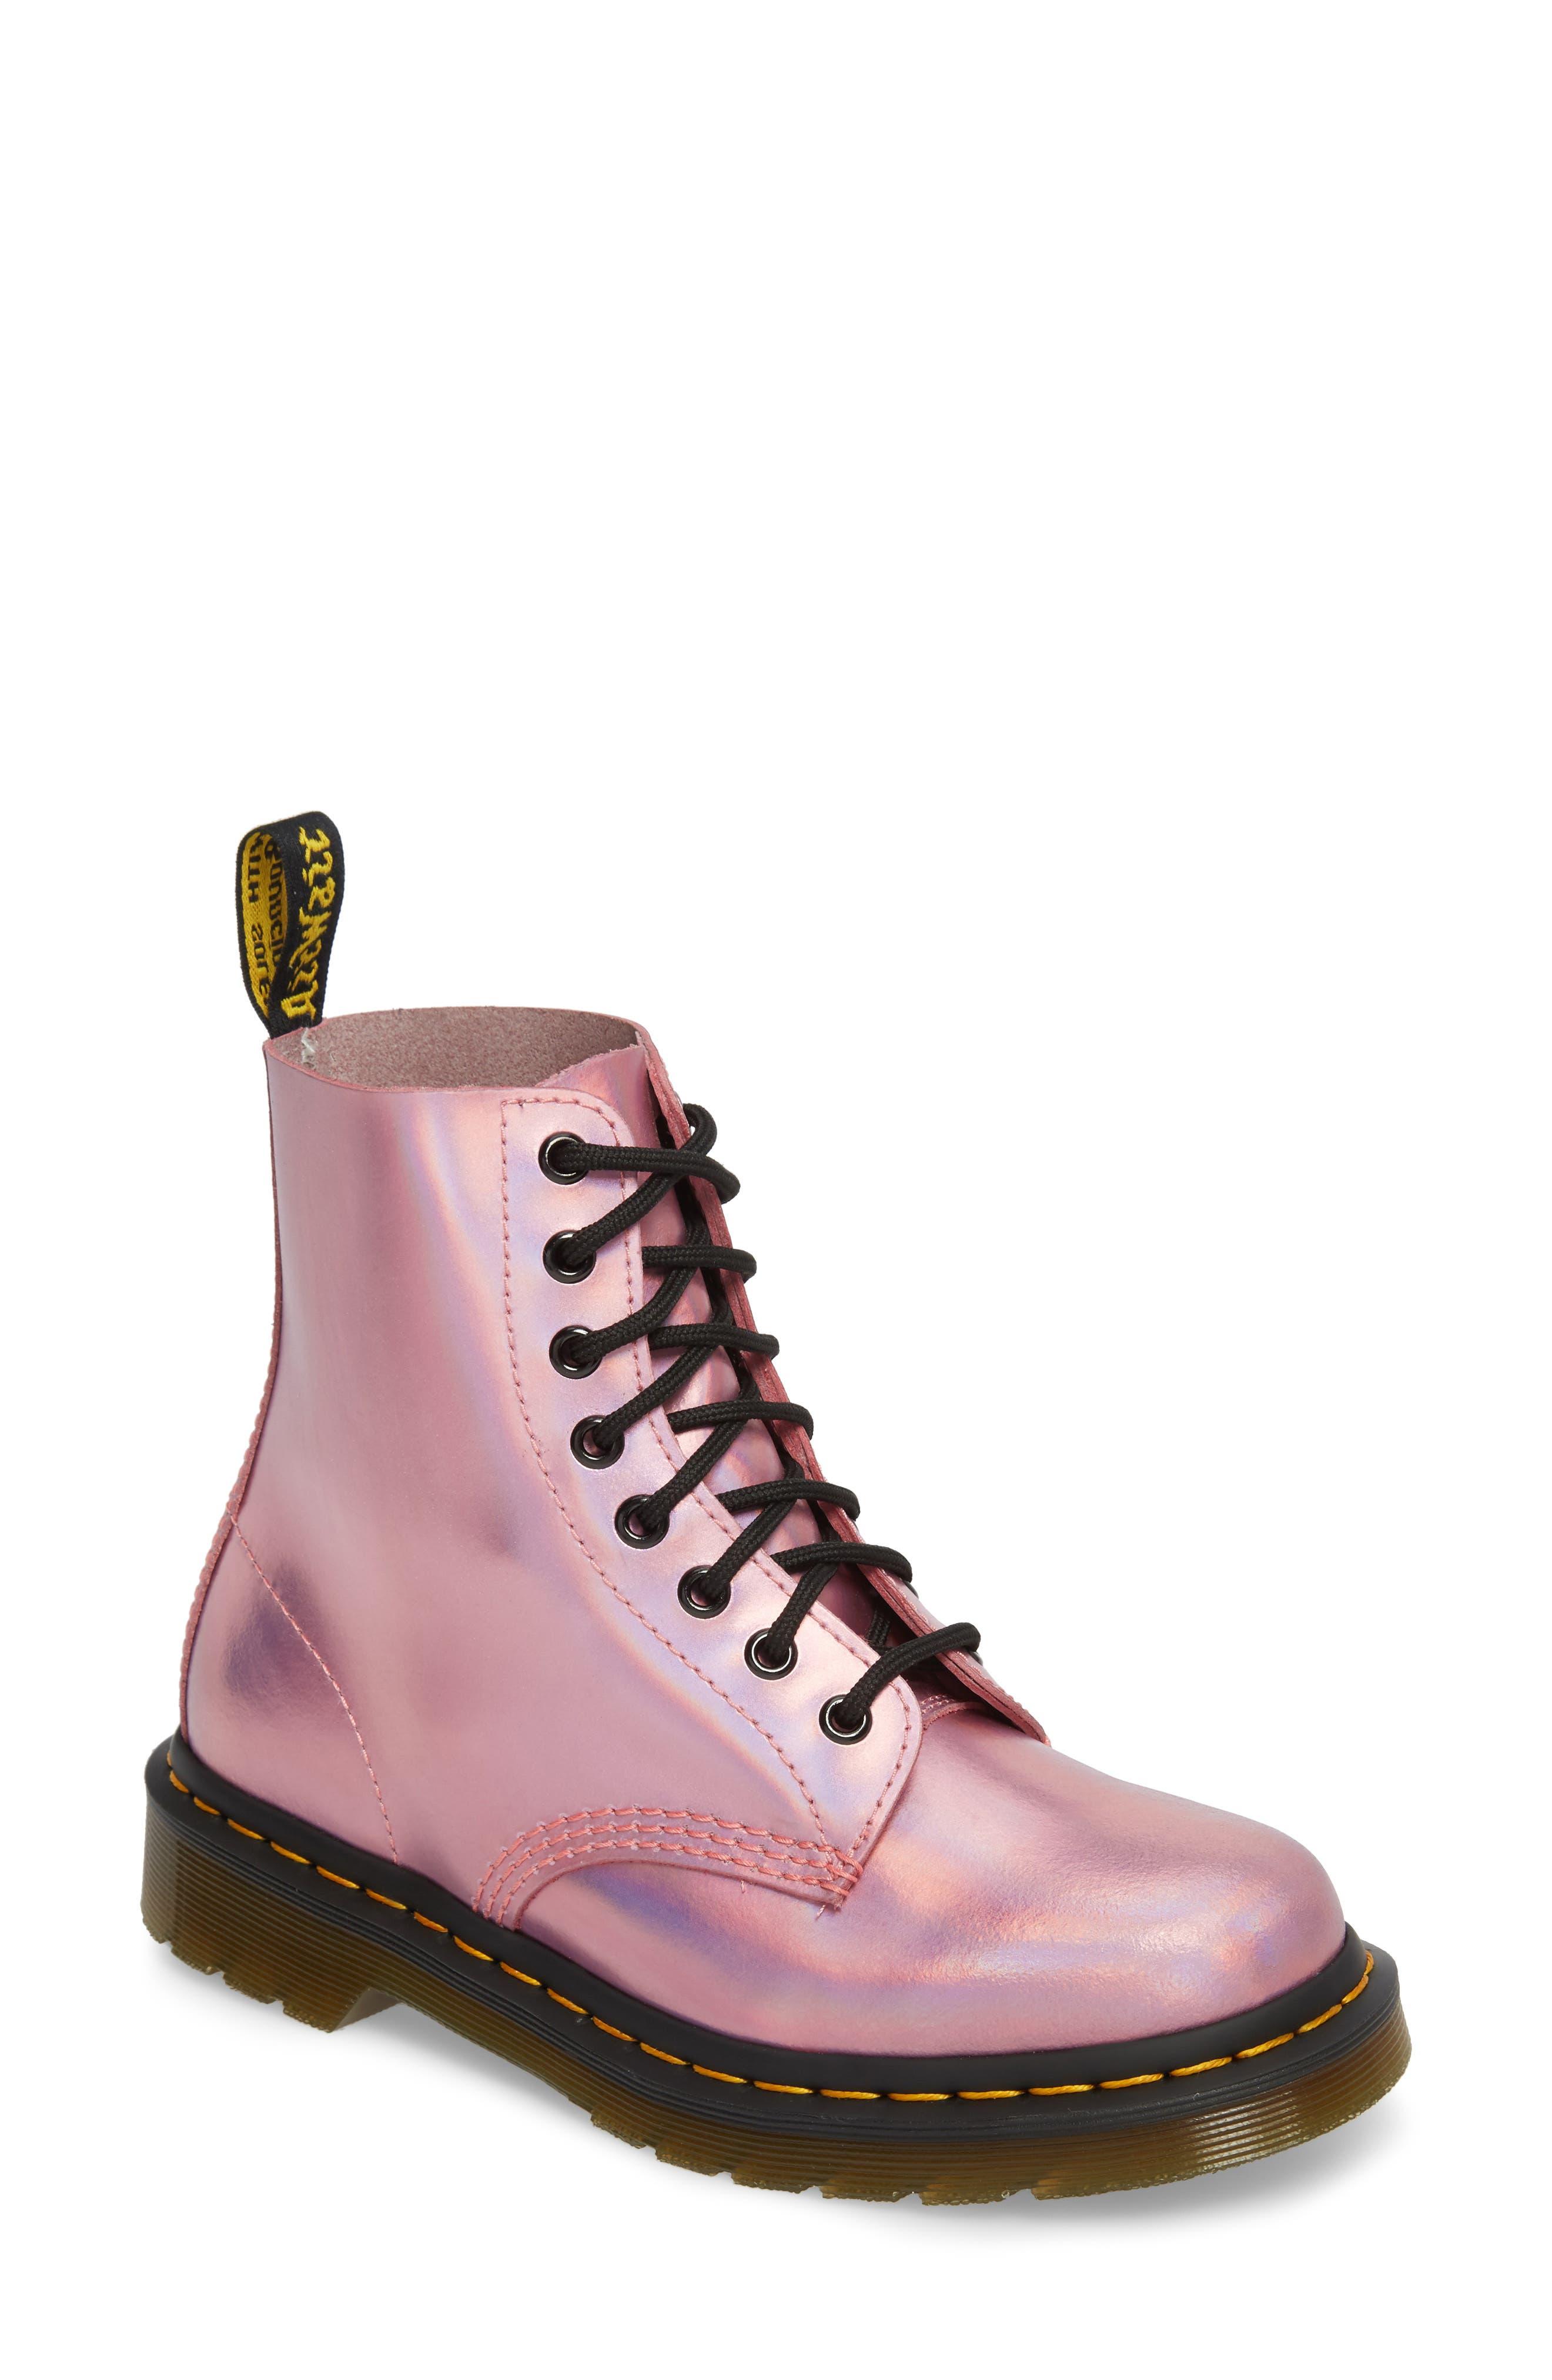 Pascal Metallic Combat Boot,                             Main thumbnail 1, color,                             Pink Metallic Leather